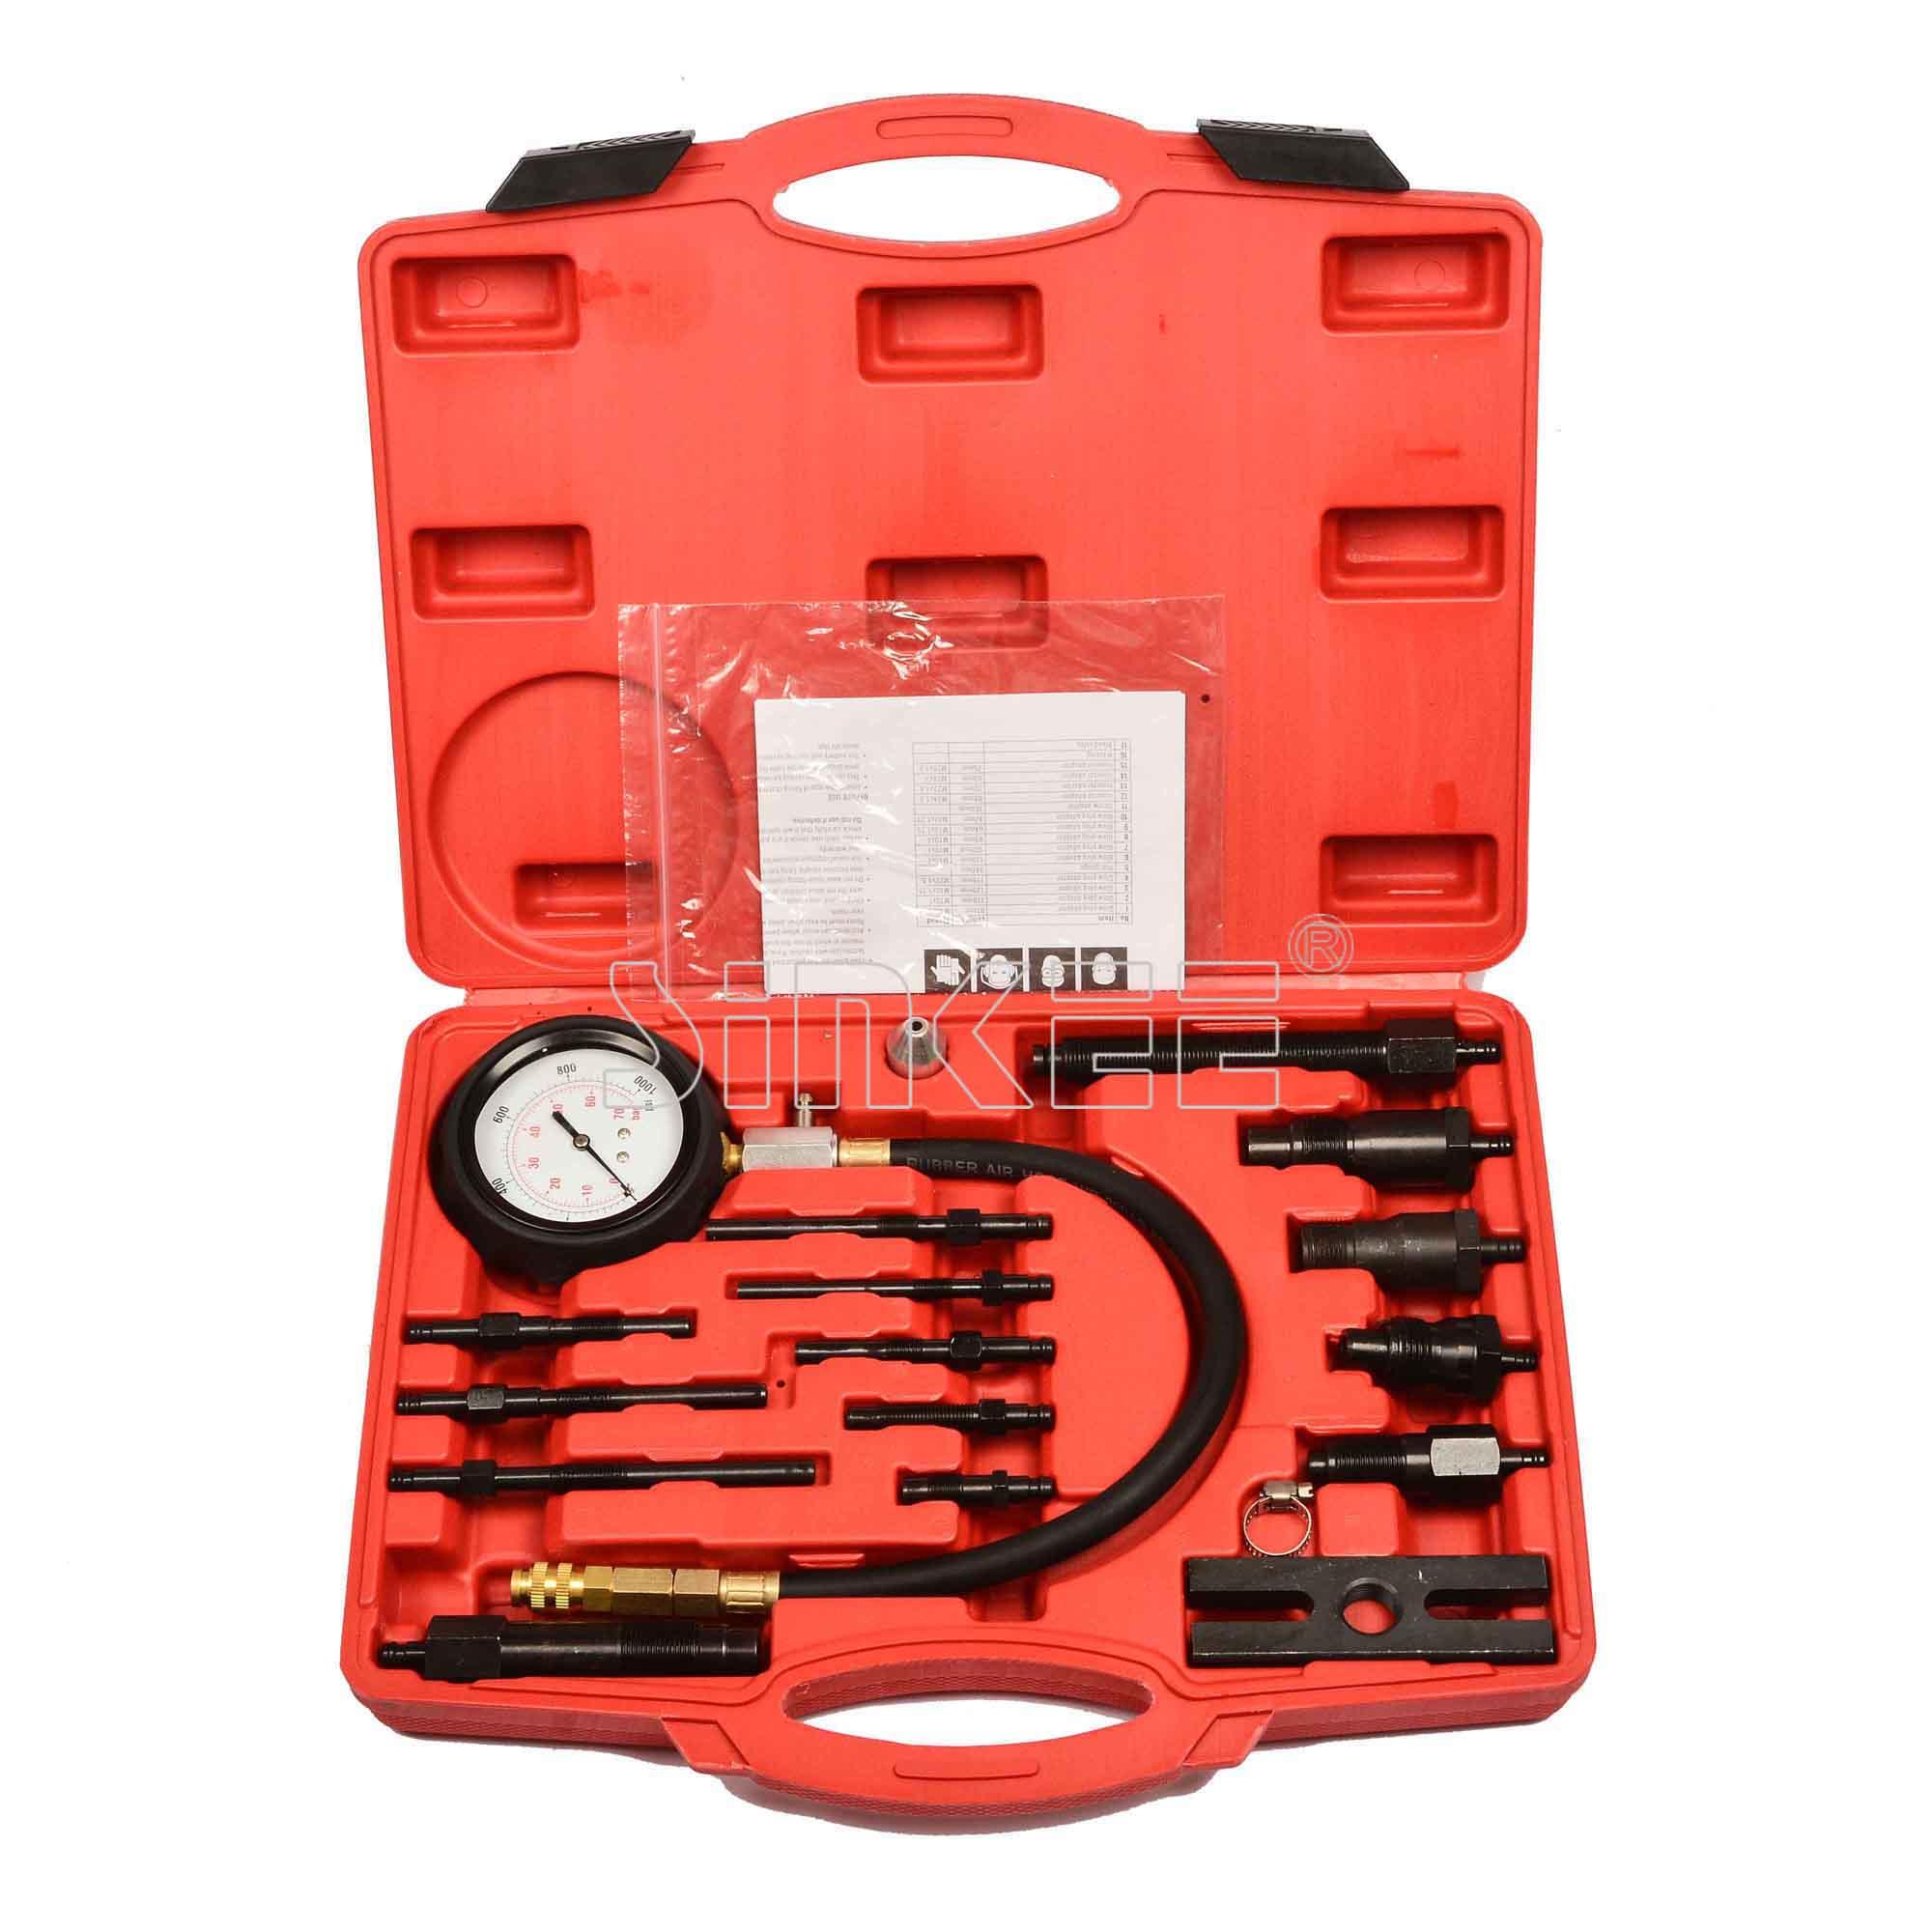 17 pc Diesel di Compressione del Motore Cilindro di Pressione del Tester del Calibro Kit Set SK102817 pc Diesel di Compressione del Motore Cilindro di Pressione del Tester del Calibro Kit Set SK1028